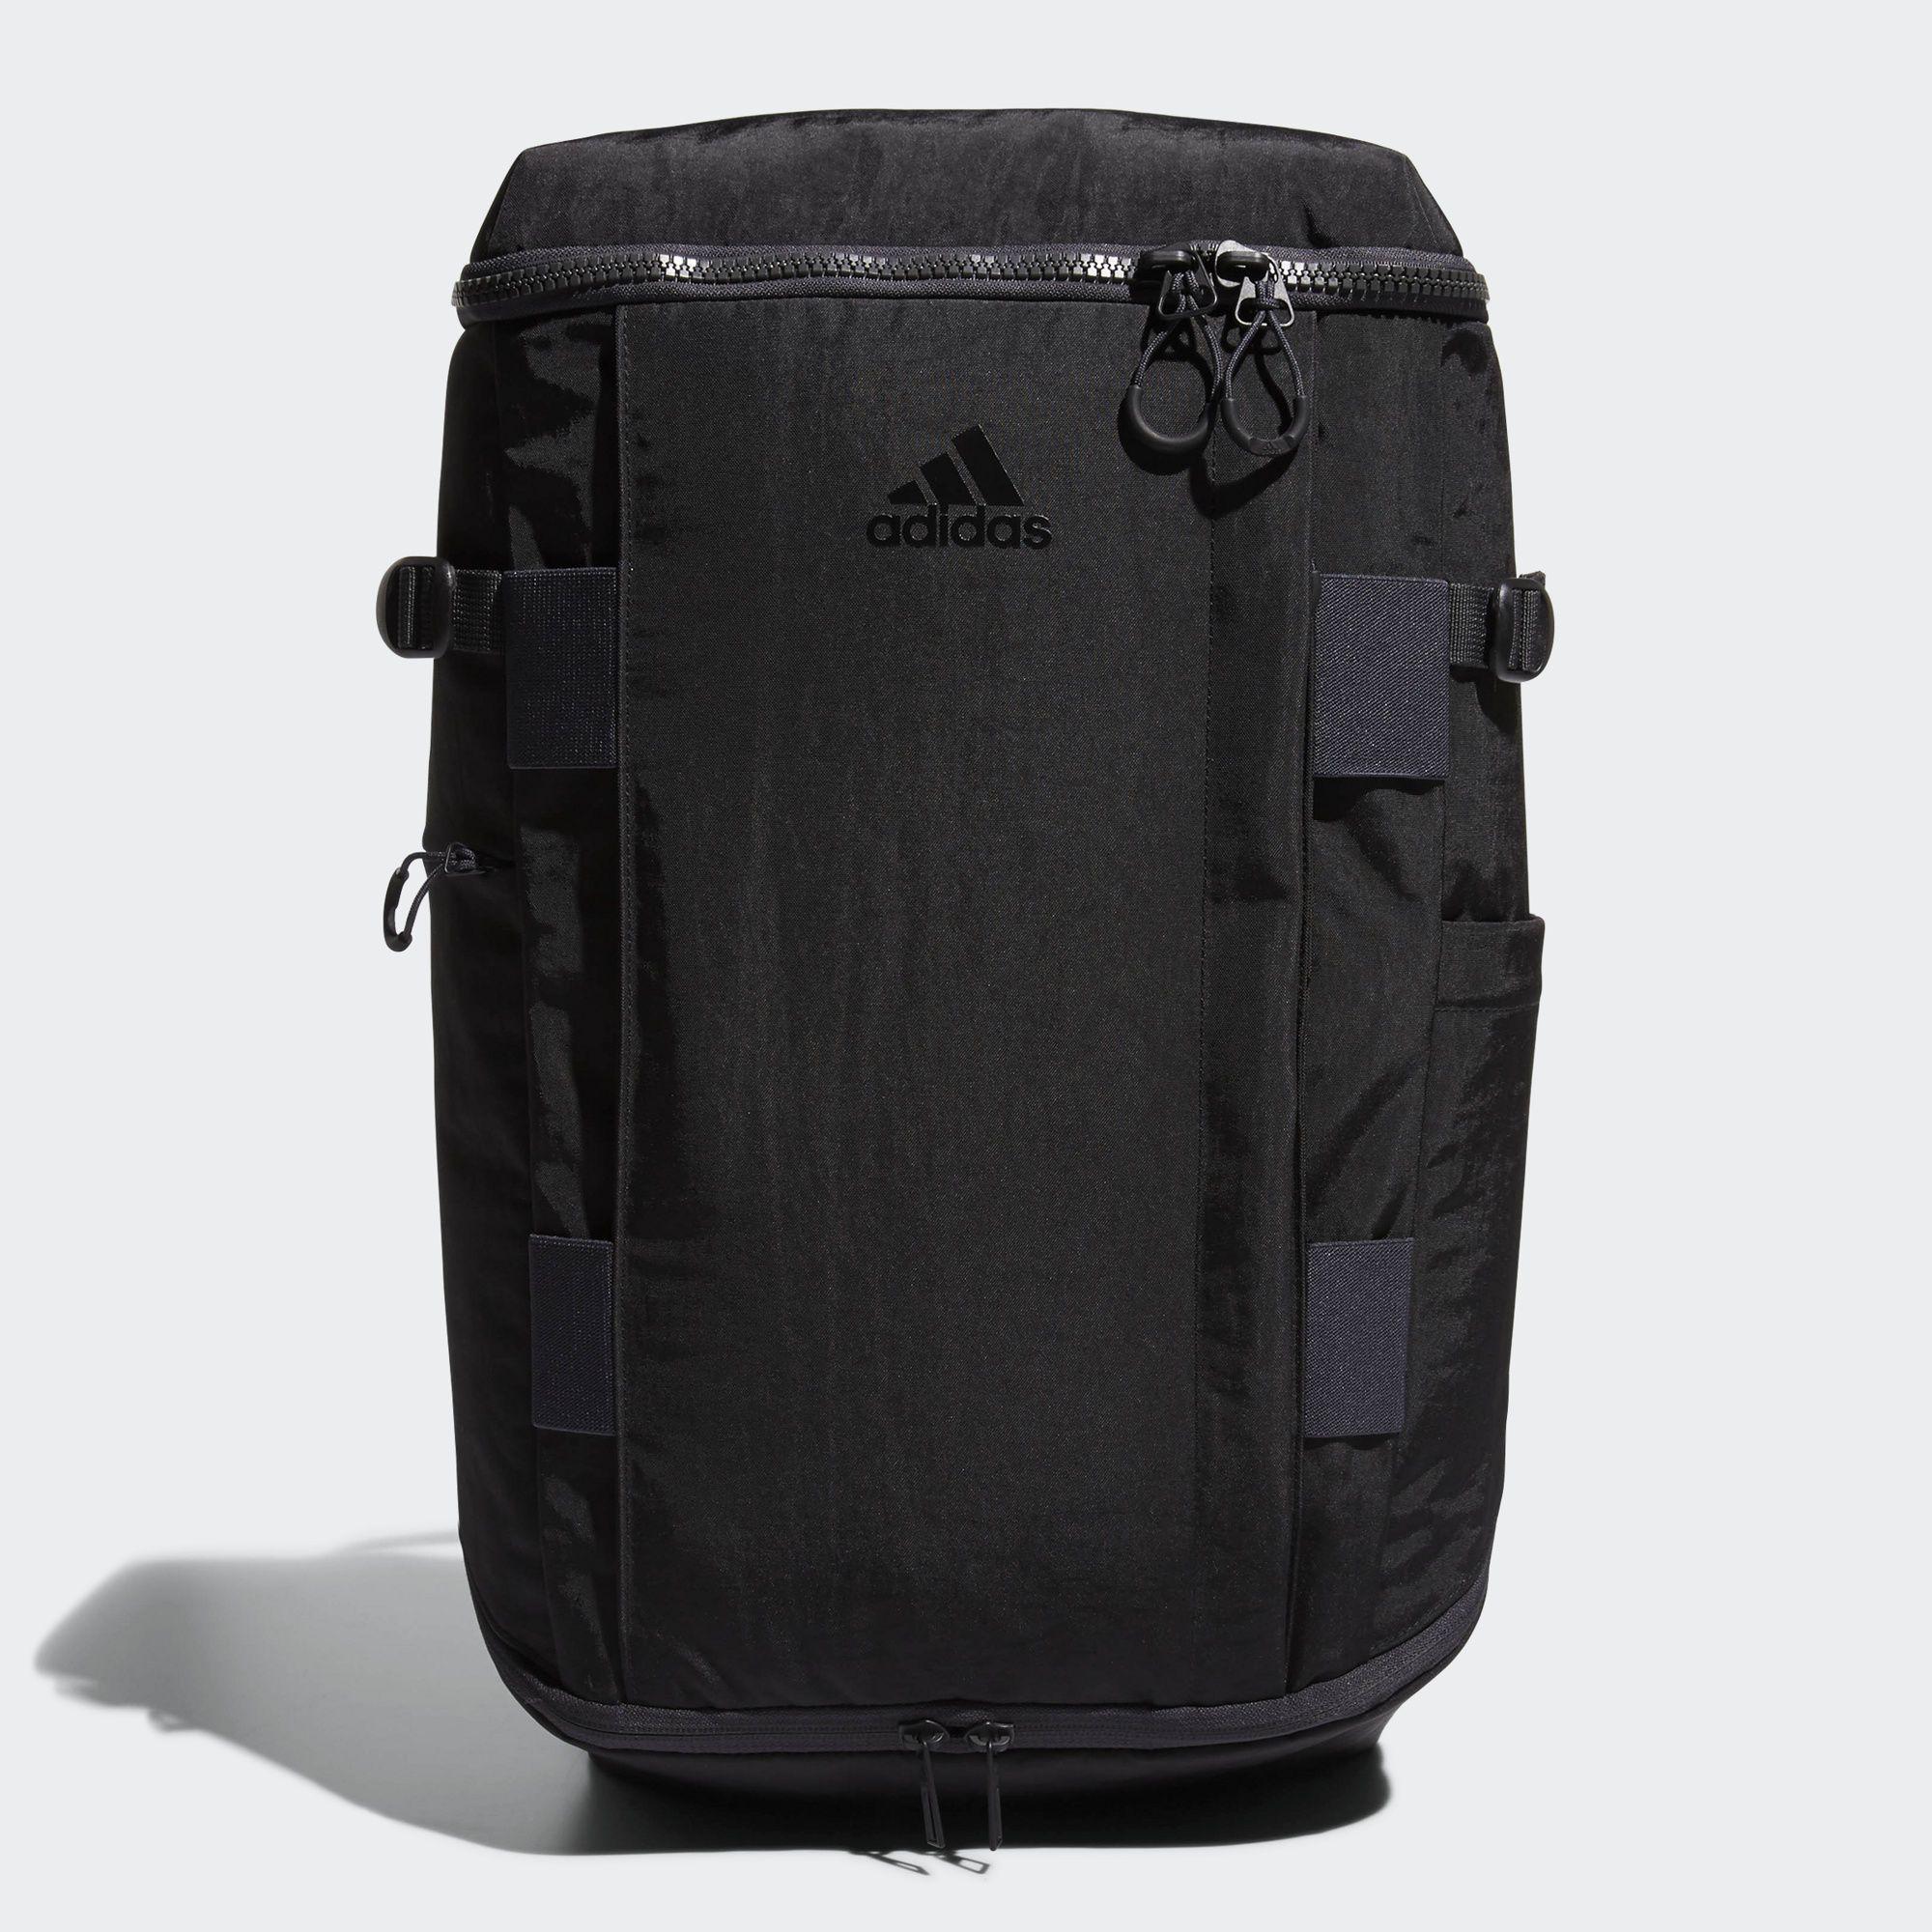 new product 4b731 d8b8c Рюкзак OPS 30 adidas Performance. Купить на сайте. Доставка ...